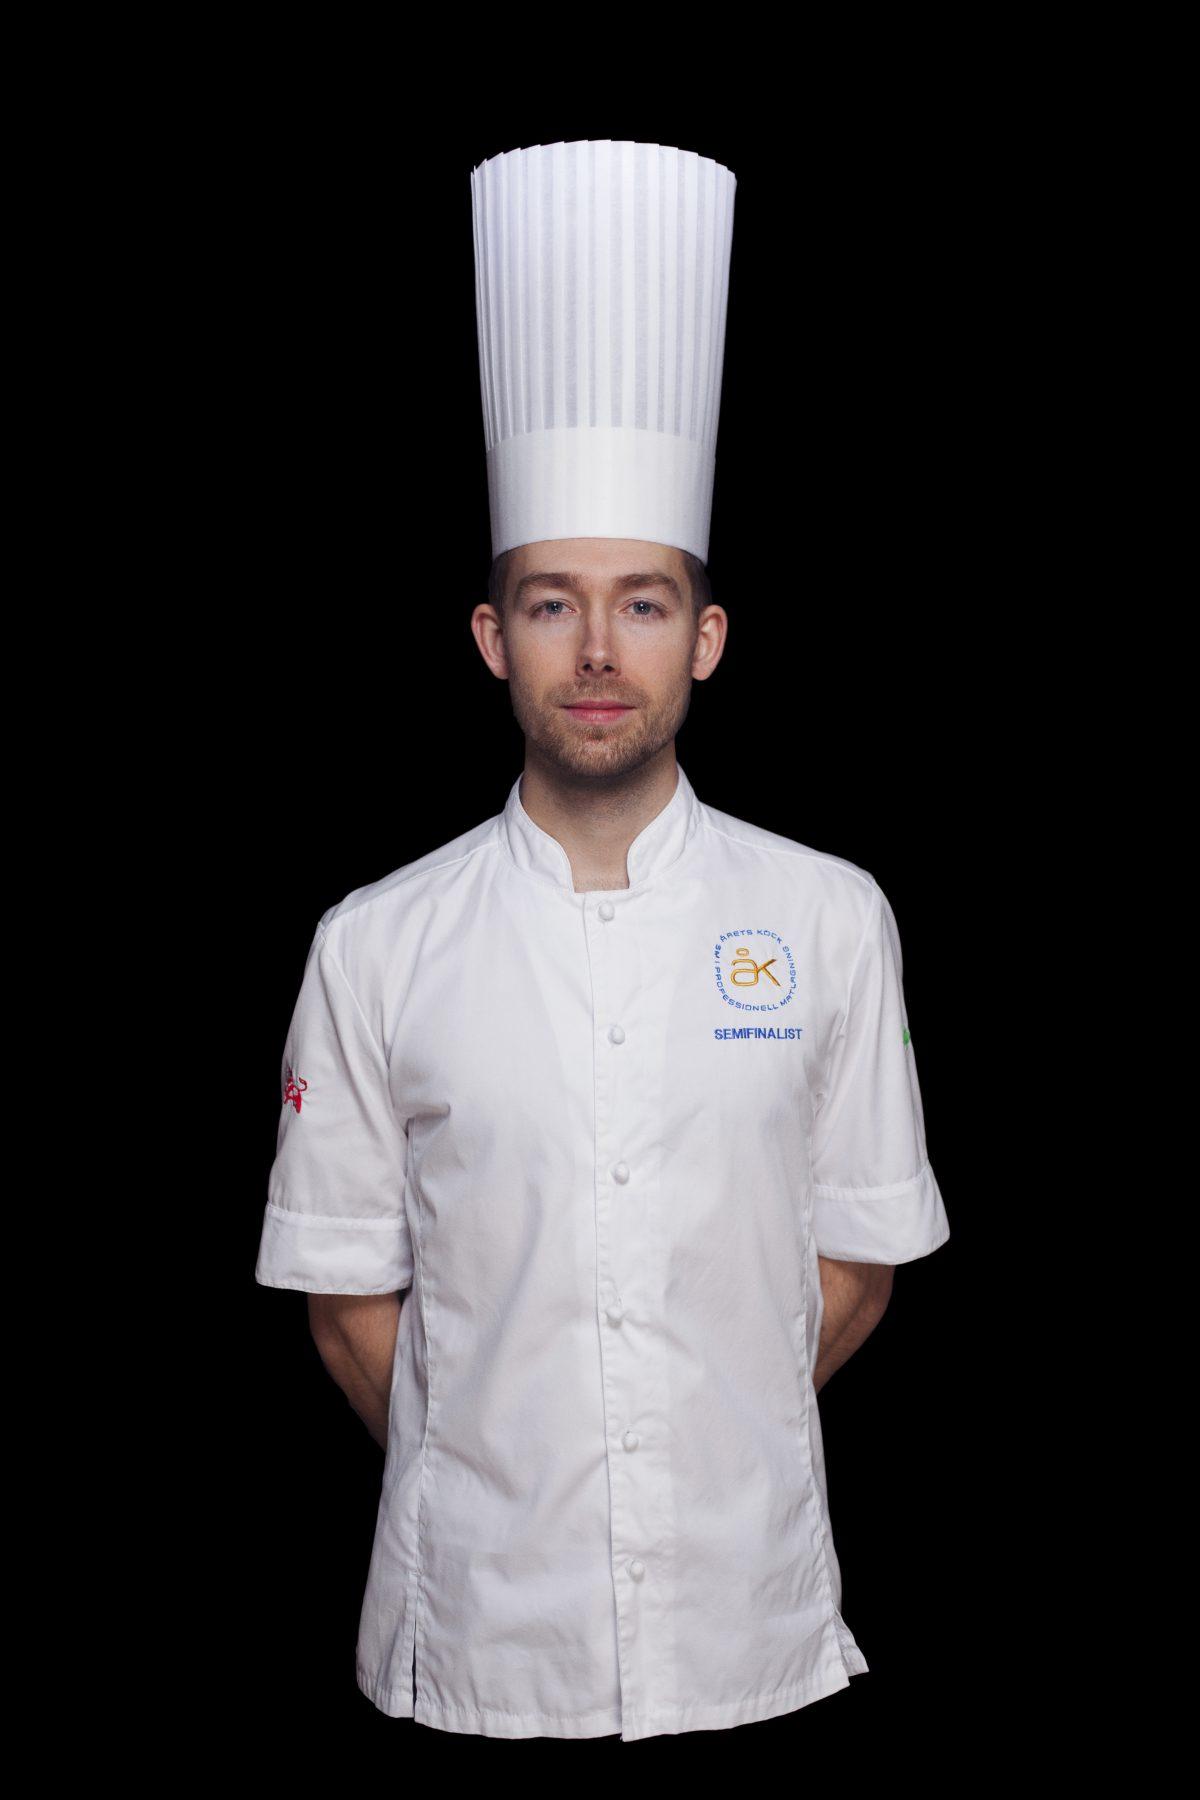 El cocinero del año 2017 en Suecia - Johan Backeus <br> Foto: Jesper Fermgård